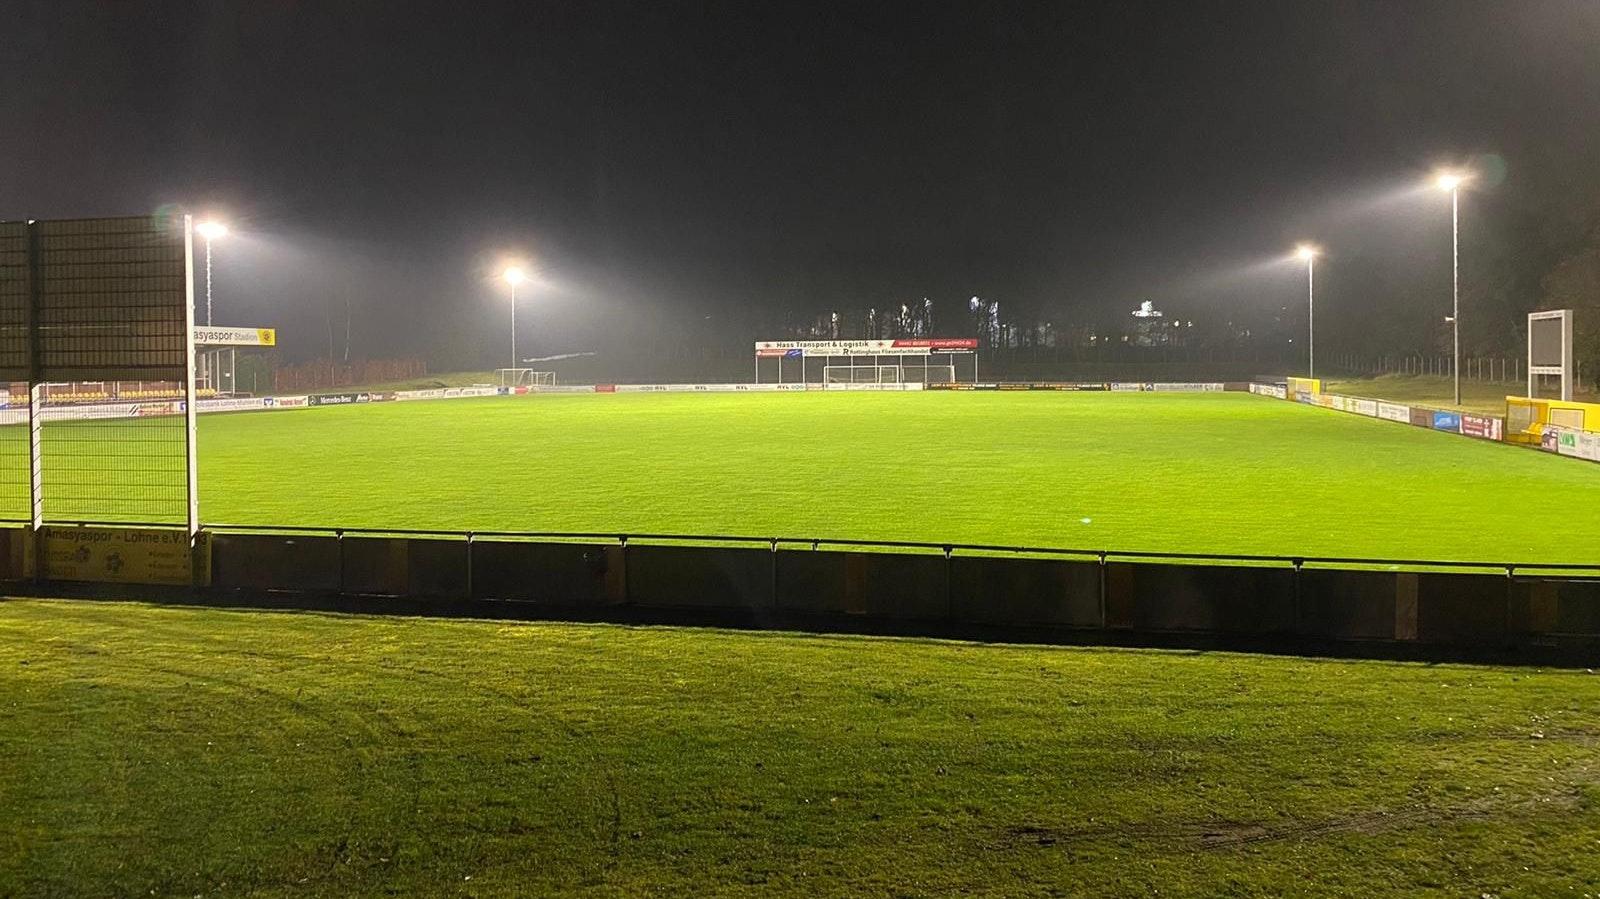 Hell erleuchtet: Das Stadion von Amasyaspor Lohne hat ein neues Flutlicht. Foto: Amasyaspor